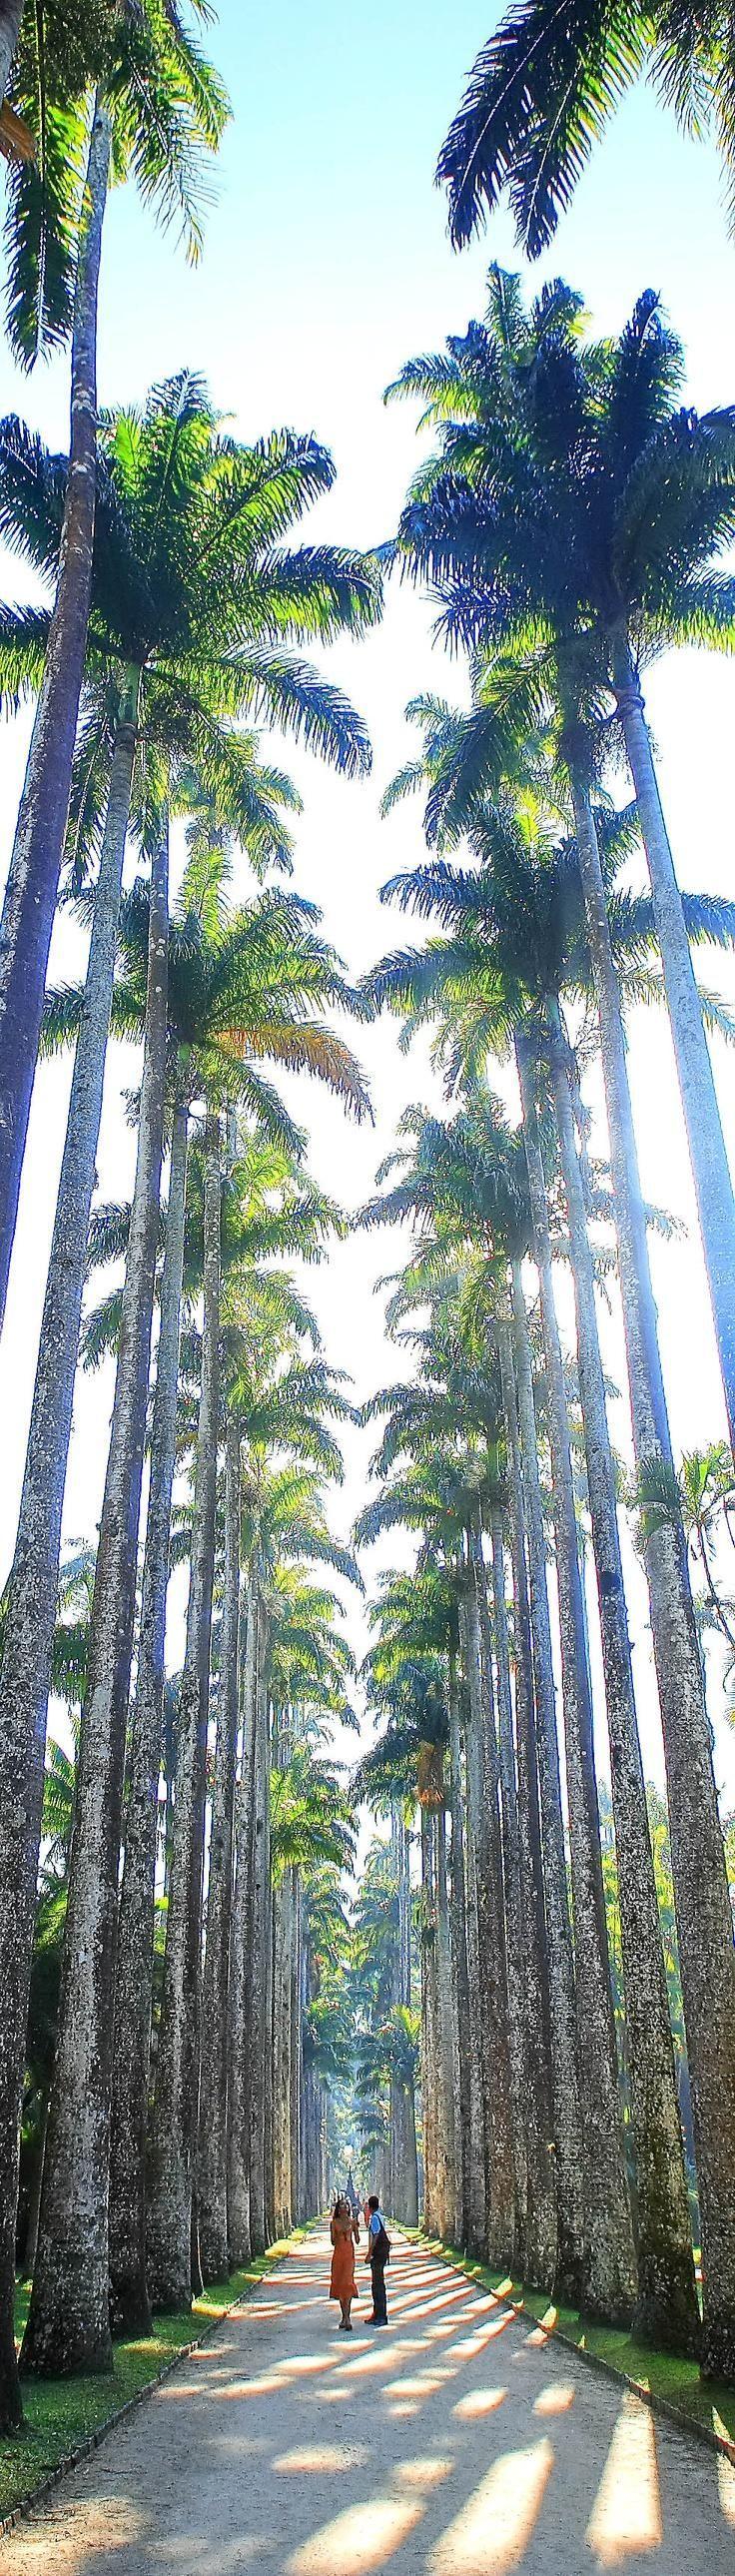 Jardim Botânico, Rio de Janeiro, Brazil.